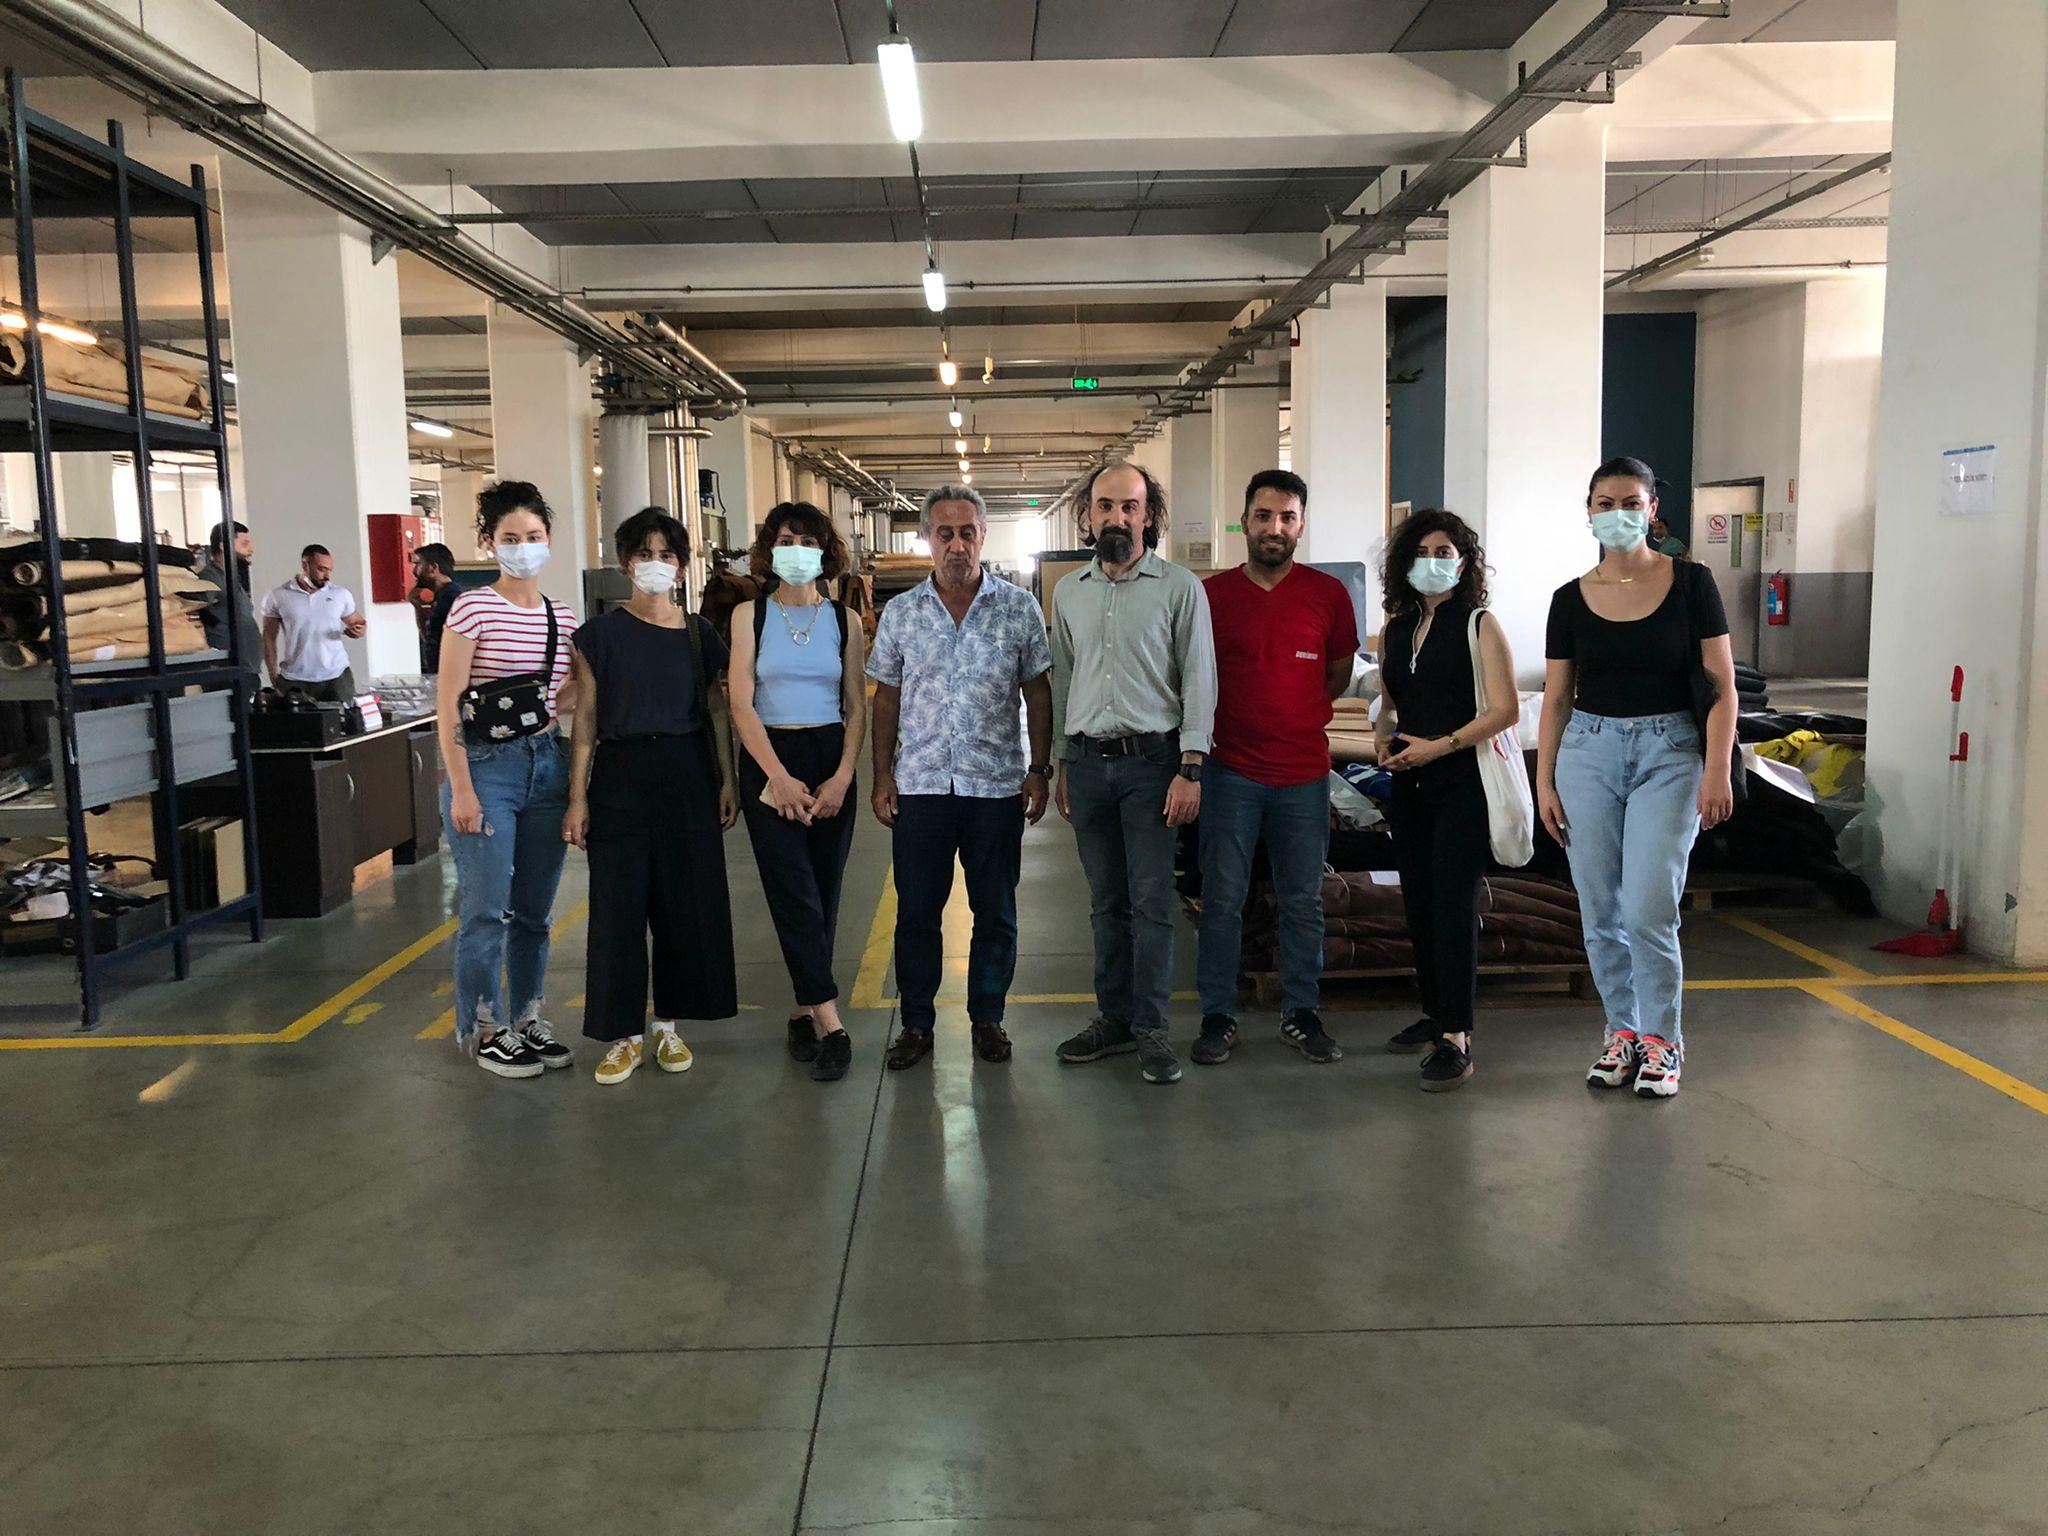 İDMİB İşbirliği ile Istanbul Moda Akademisindeki Genç Tasarımcılarımıza 'Deri''yi ve derinin öyküsünü anlattık.